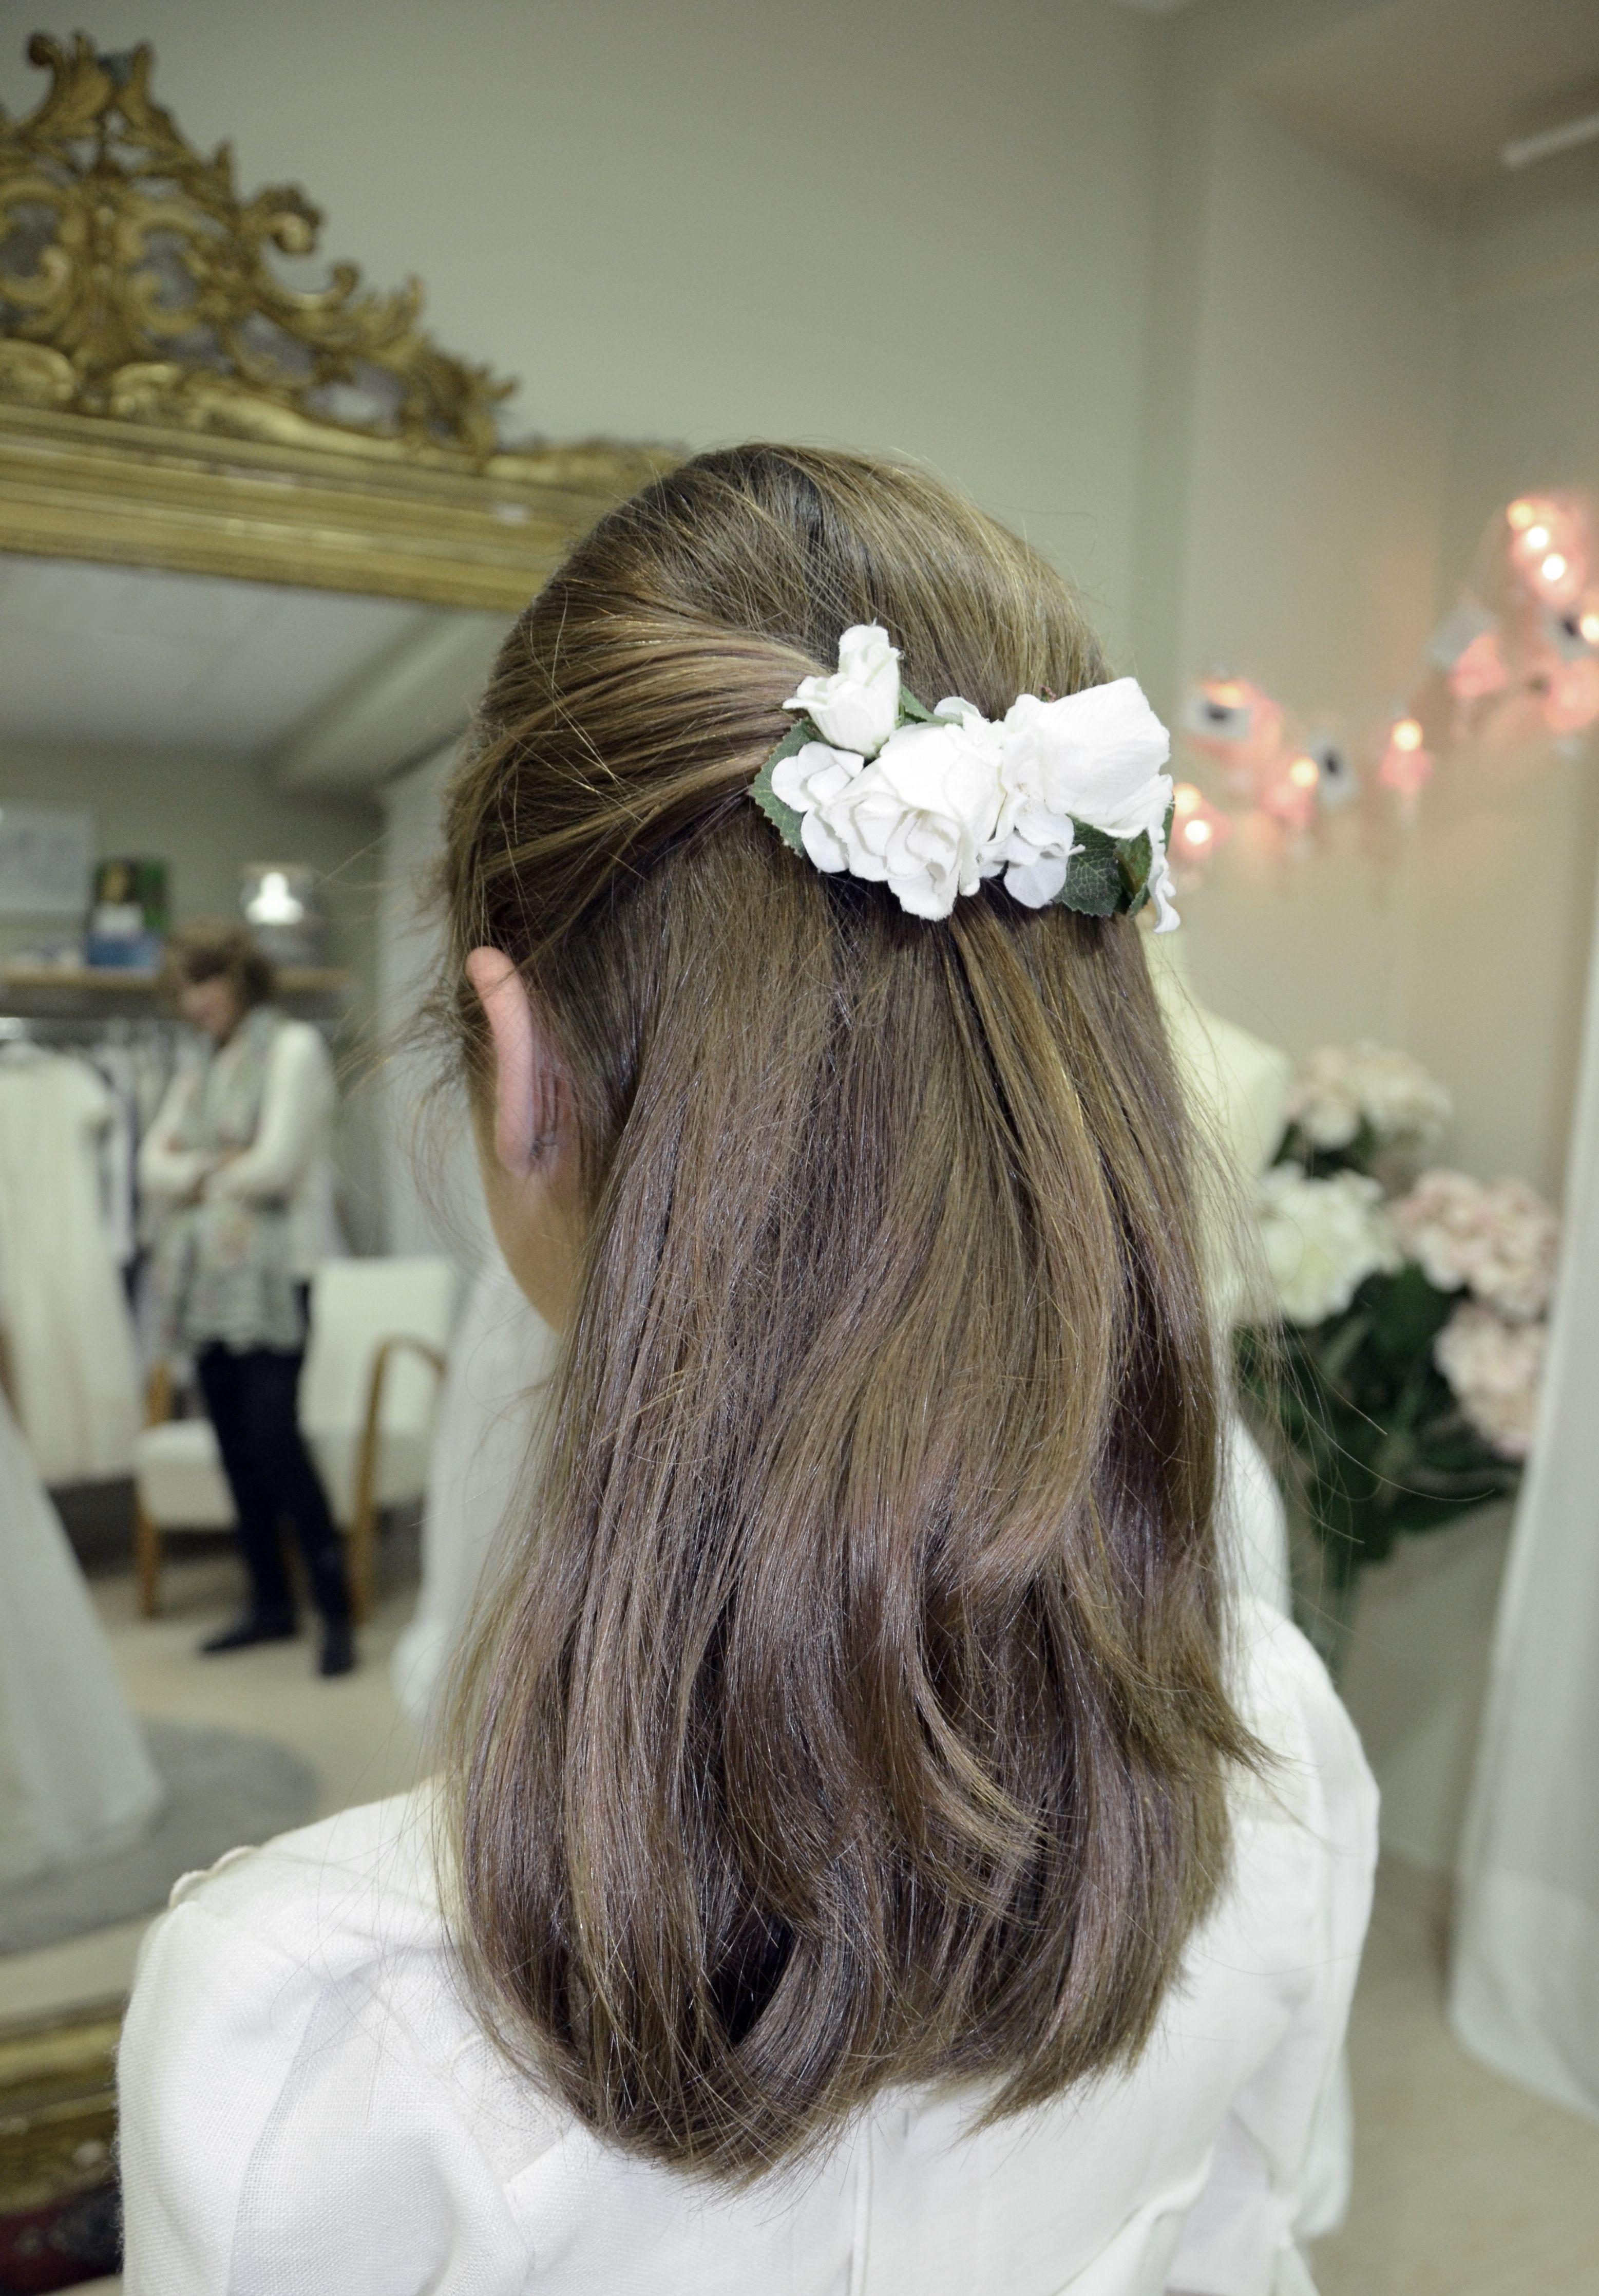 Más inspirador peinados niña comunion 2021 Fotos de tendencias de color de pelo - Pin en Complementos, coronas, tiaras, tocados